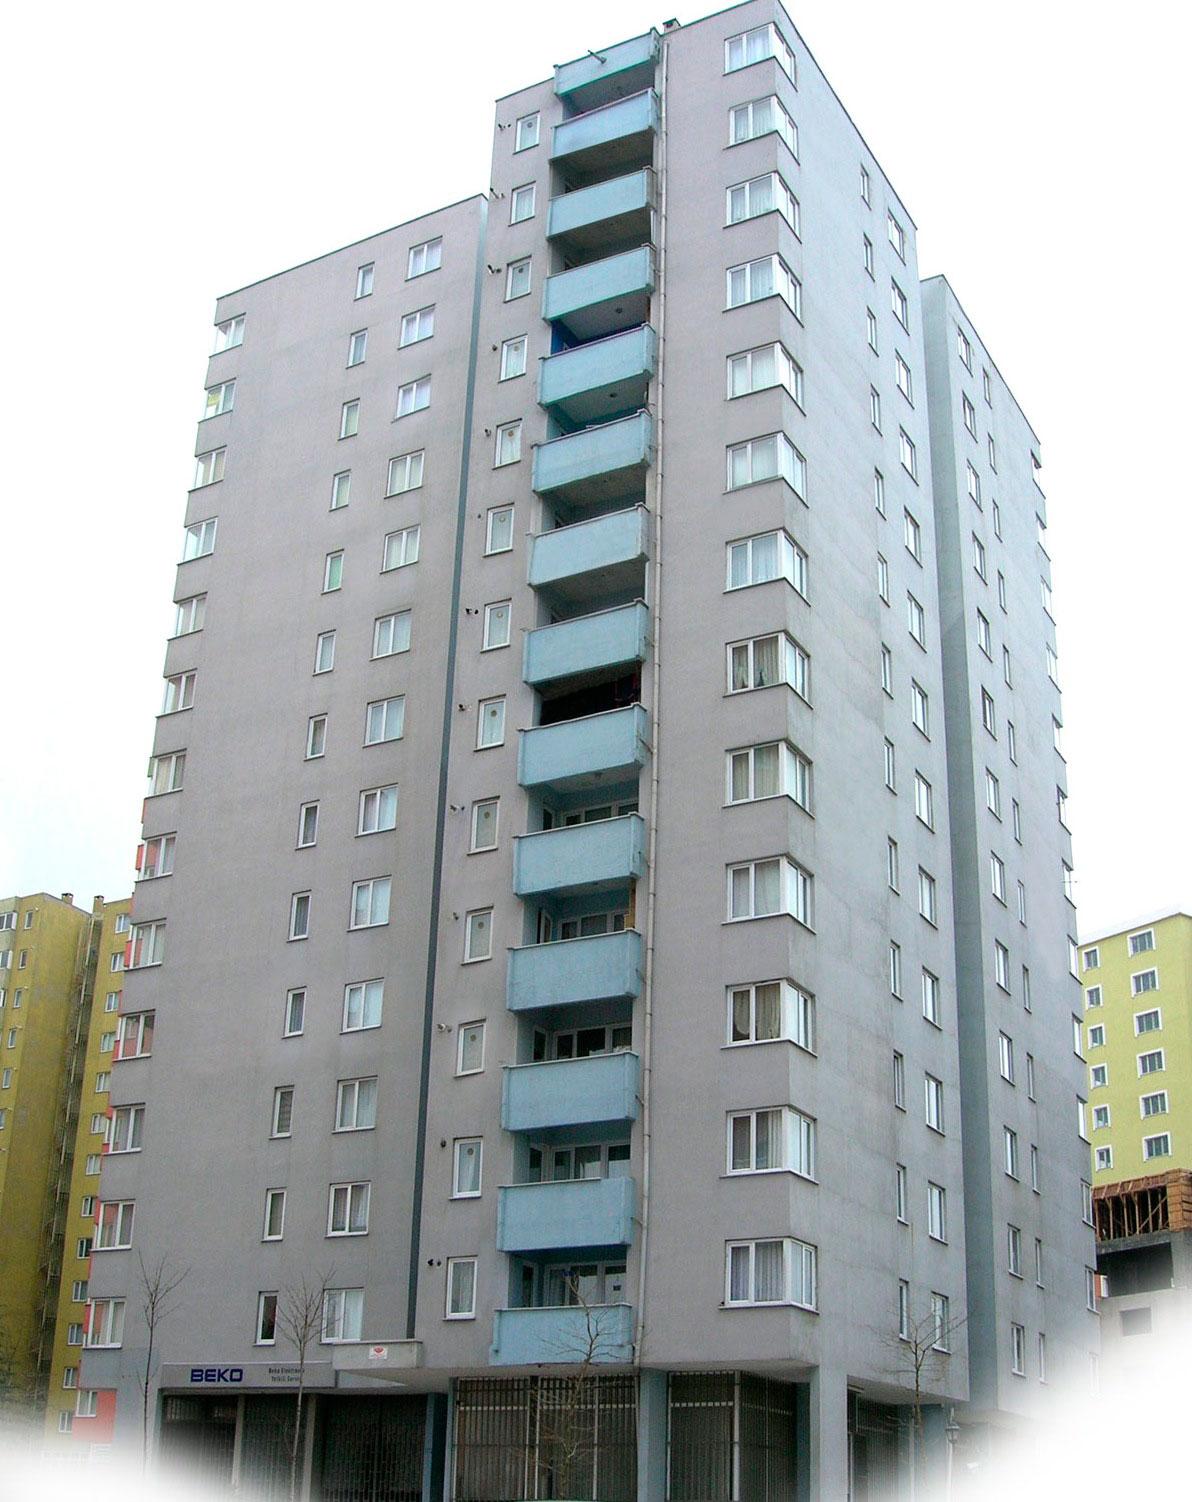 Sağlamkent